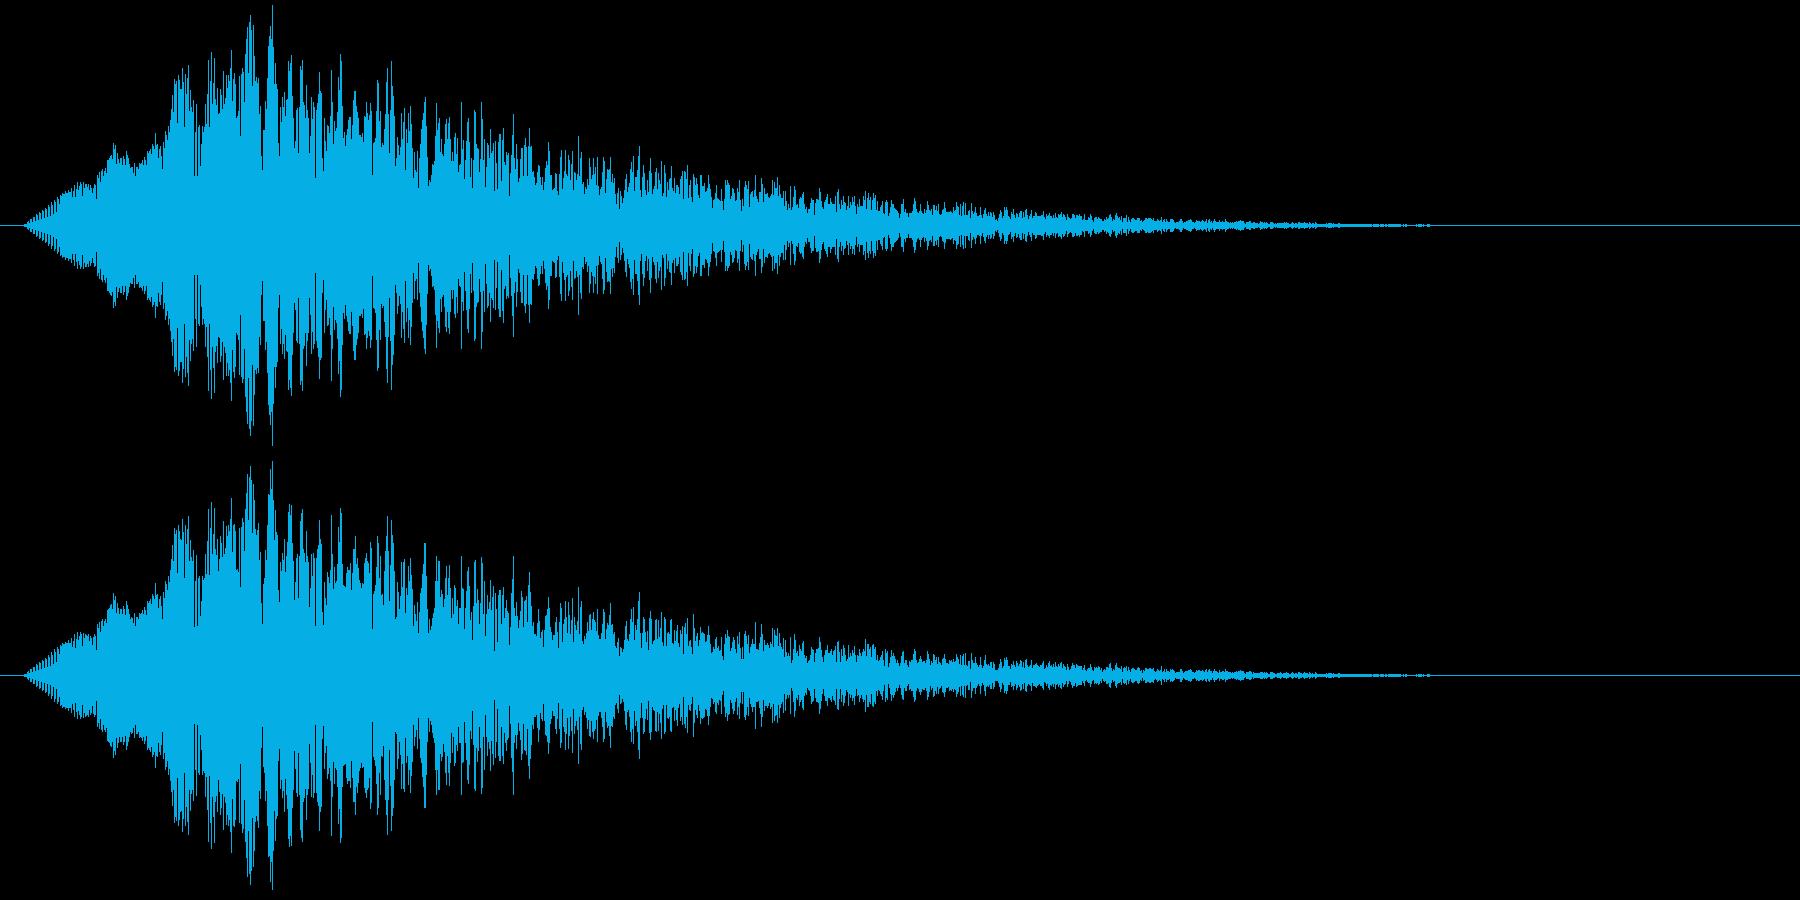 ぽわわーん_?マークが出る時のイメージ音の再生済みの波形